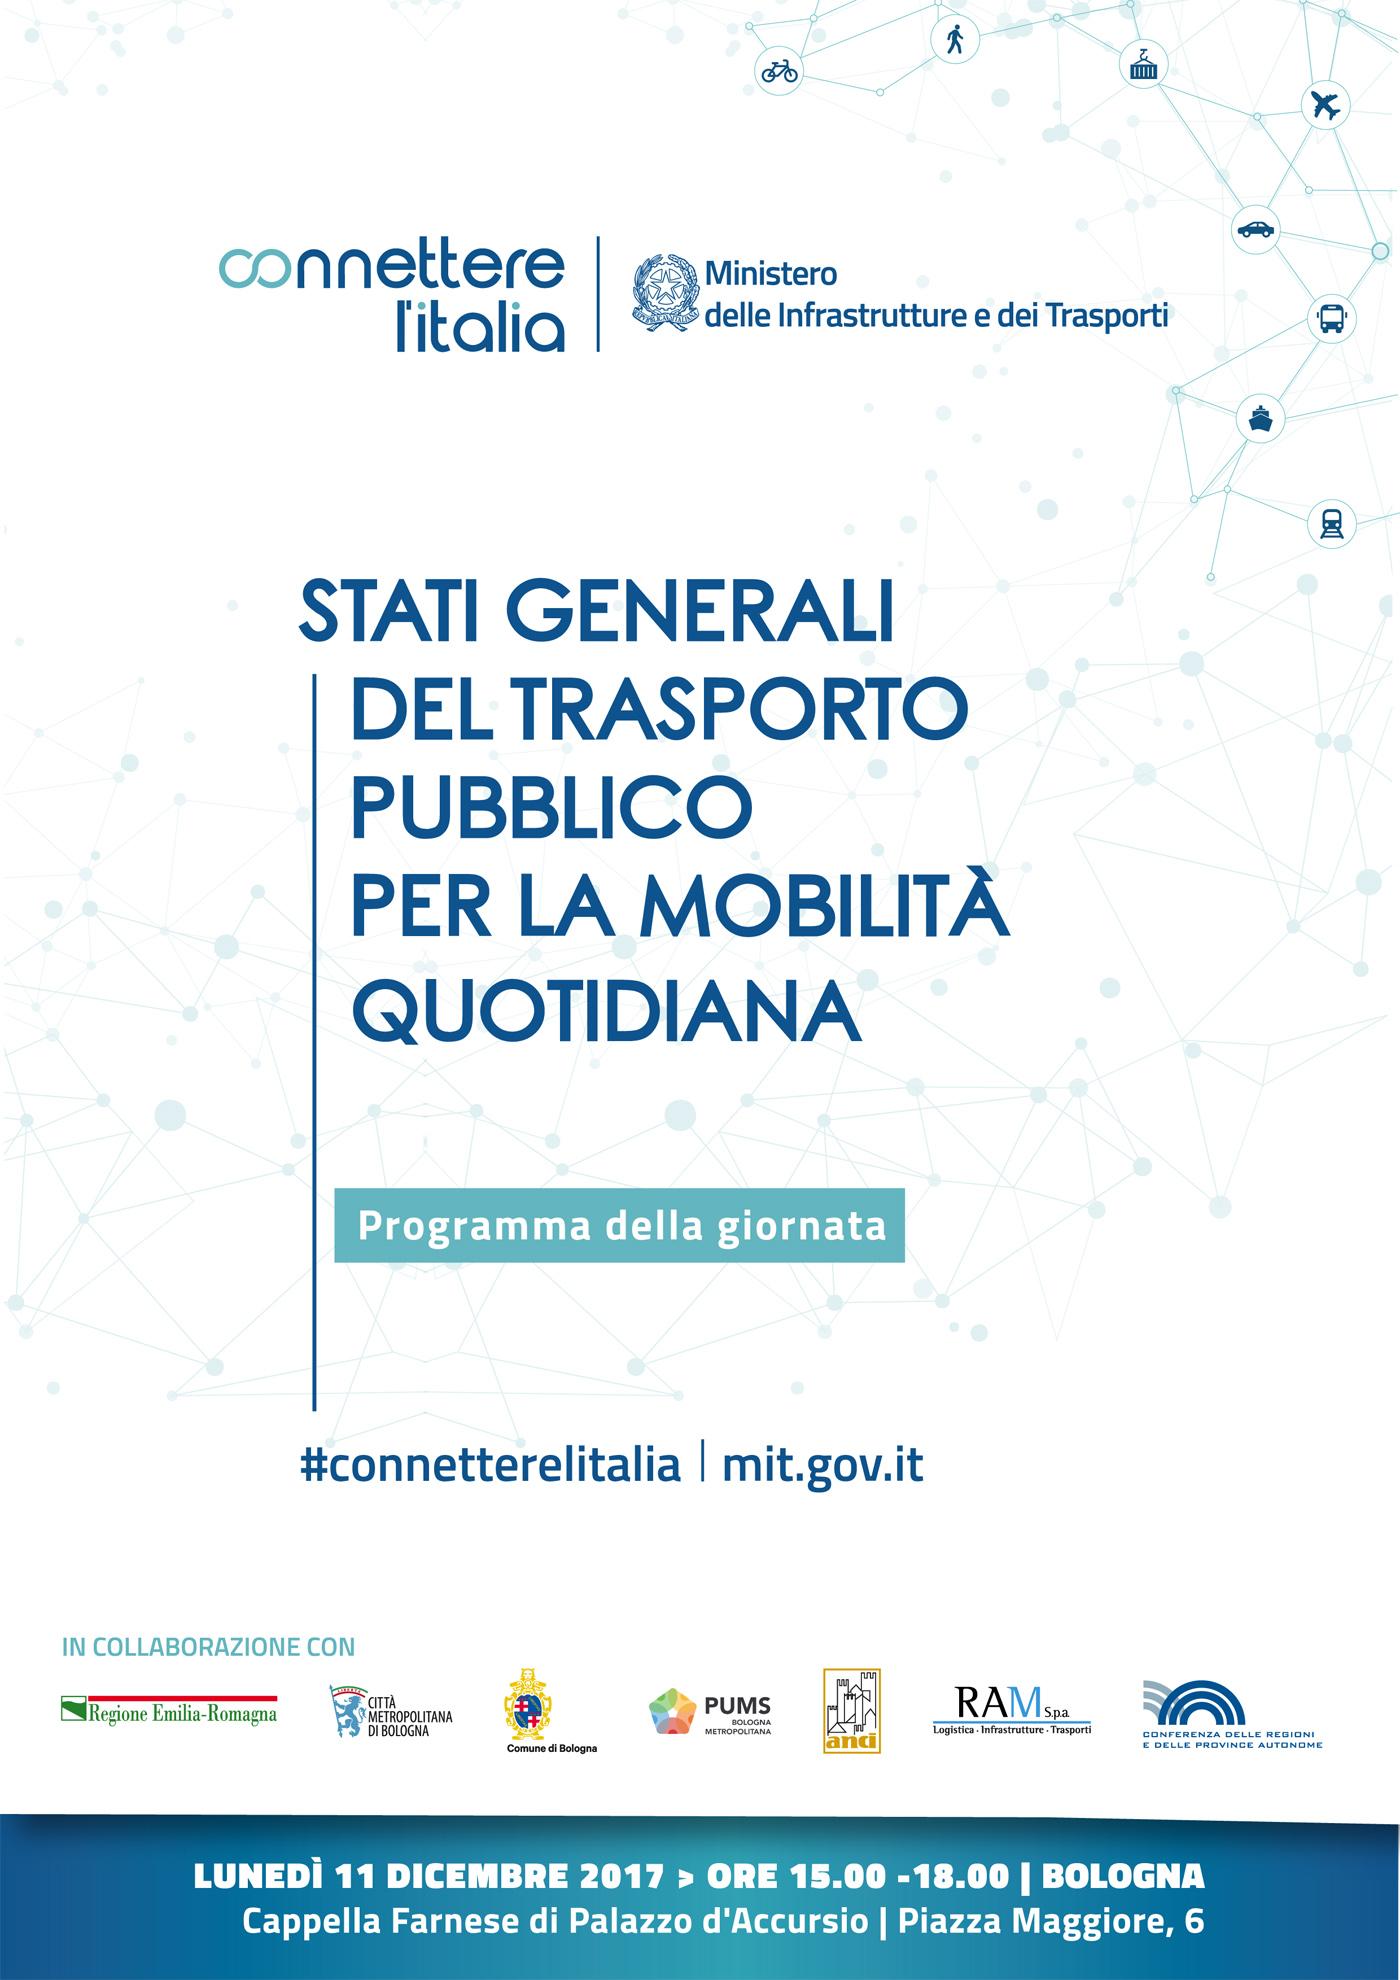 Stati generali del trasporto pubblico per la mobilità quotidiana